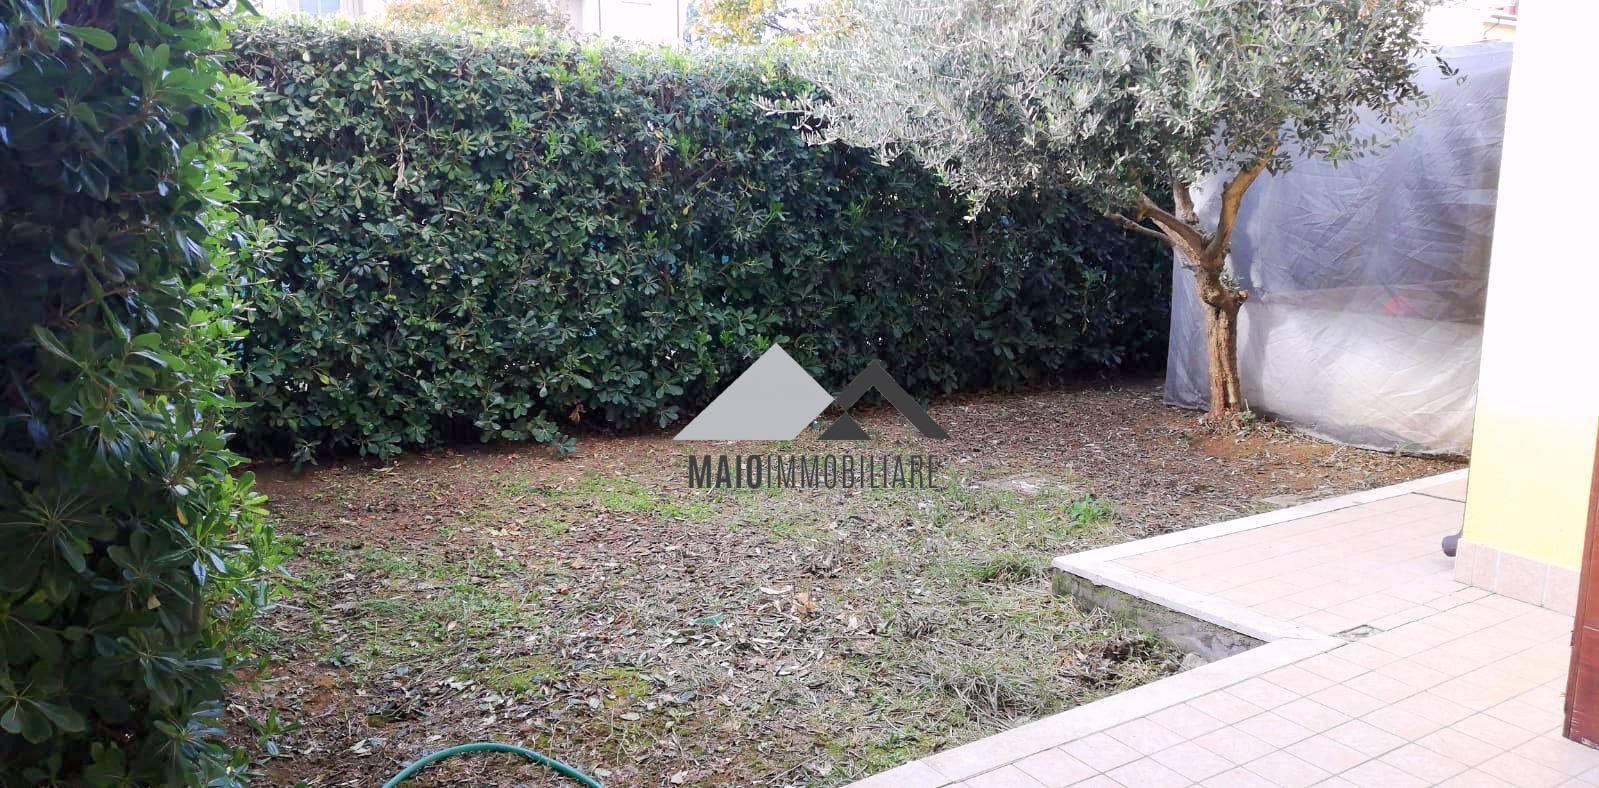 Appartamento in vendita a San Clemente, 3 locali, zona Località: S.AndreainCasale, prezzo € 160.000 | CambioCasa.it